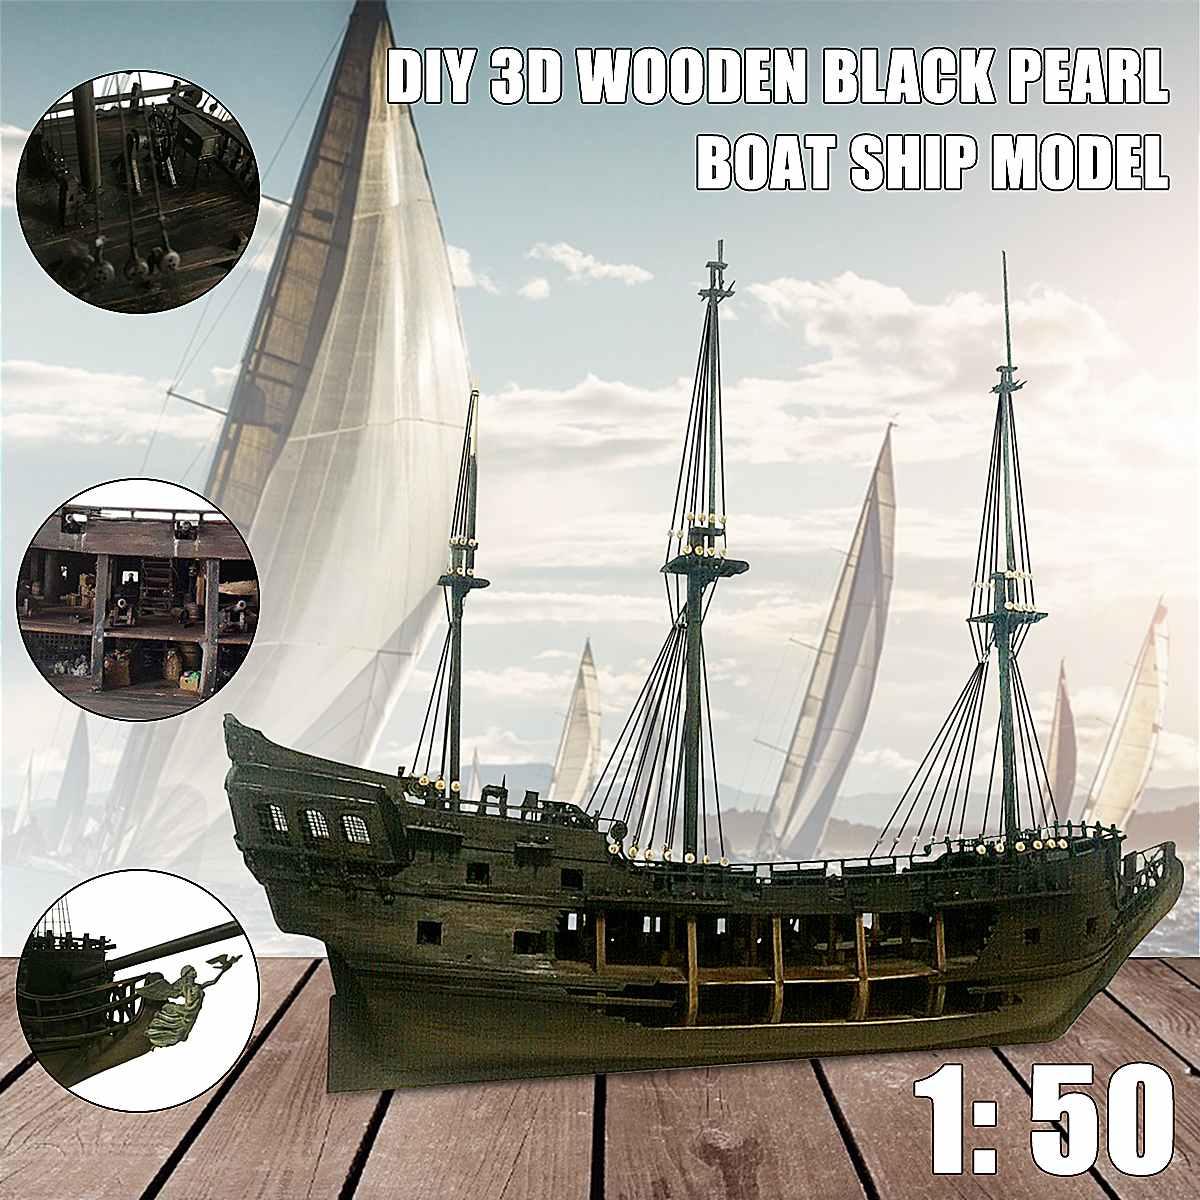 1:50 DIY De Black Pearl Model Schip Kits Voor Gift Voor s Van De Caribbean Diy Set Kits Montage Boot speelgoed model kit